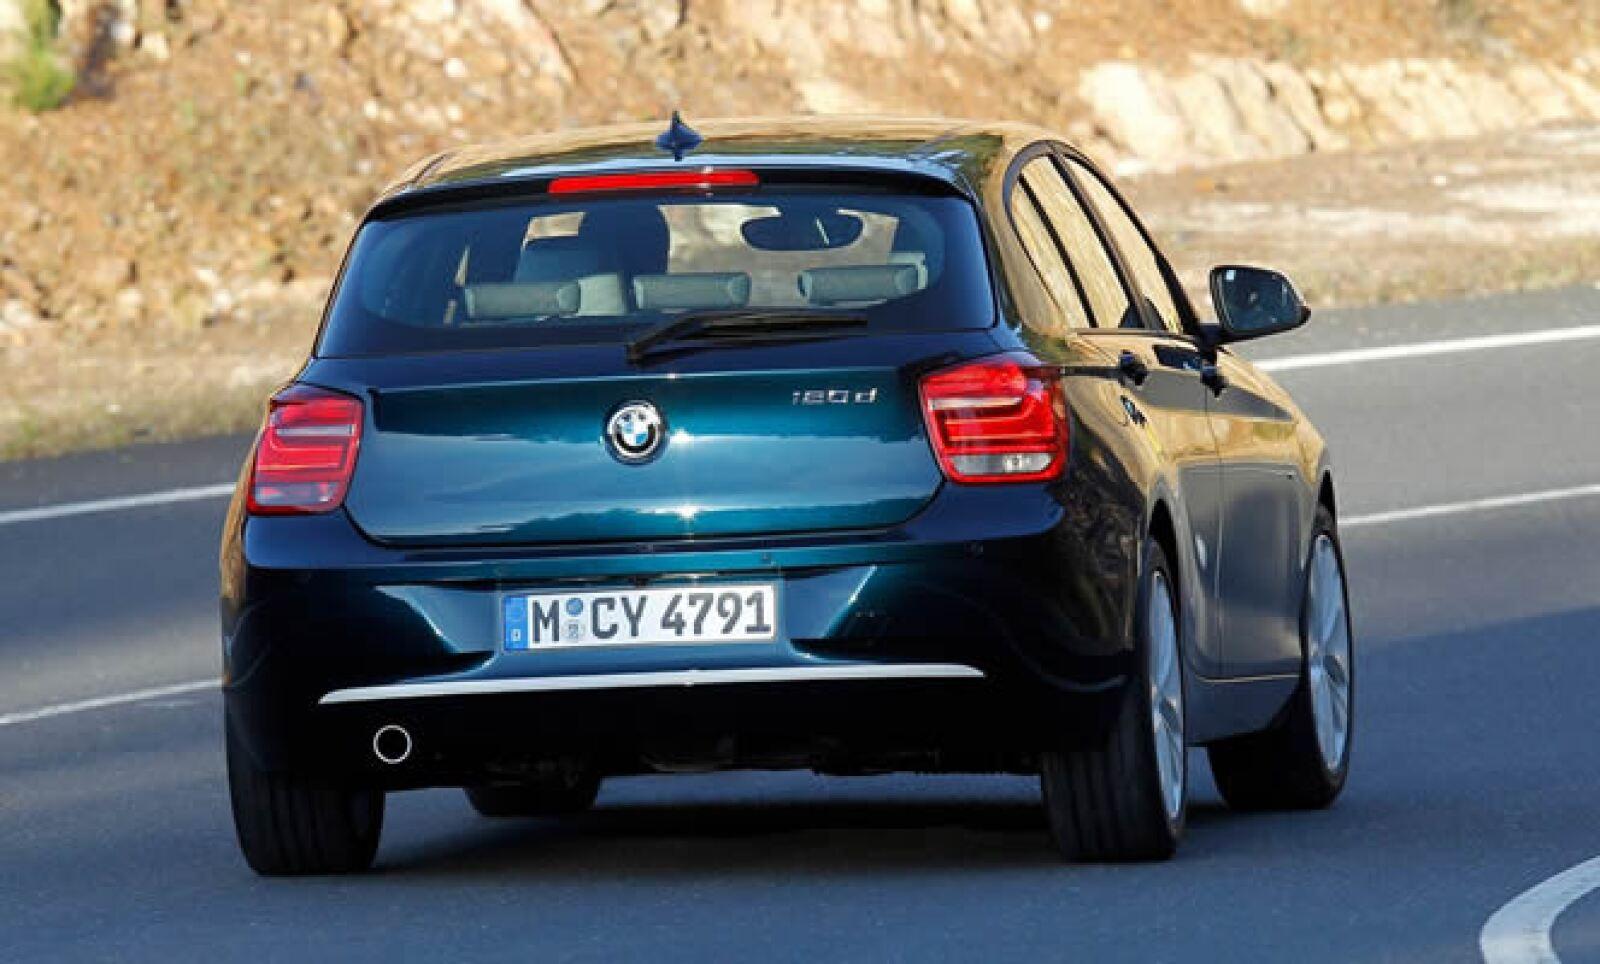 Por primera vez en México se añade la función ESH (Historial de Servicio Electrónico), que ofrece datos precisos en la pantalla del vehículo sobre los servicios realizados por un distribuidor autorizado BMW.